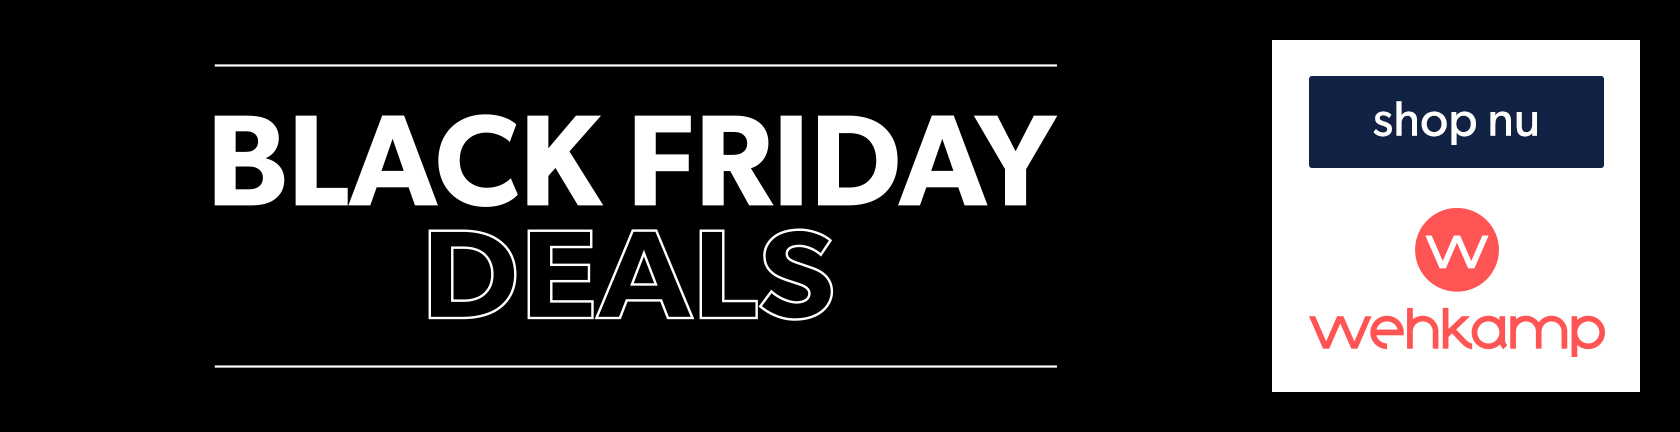 Black Friday deals shop nu bij Wehkamp